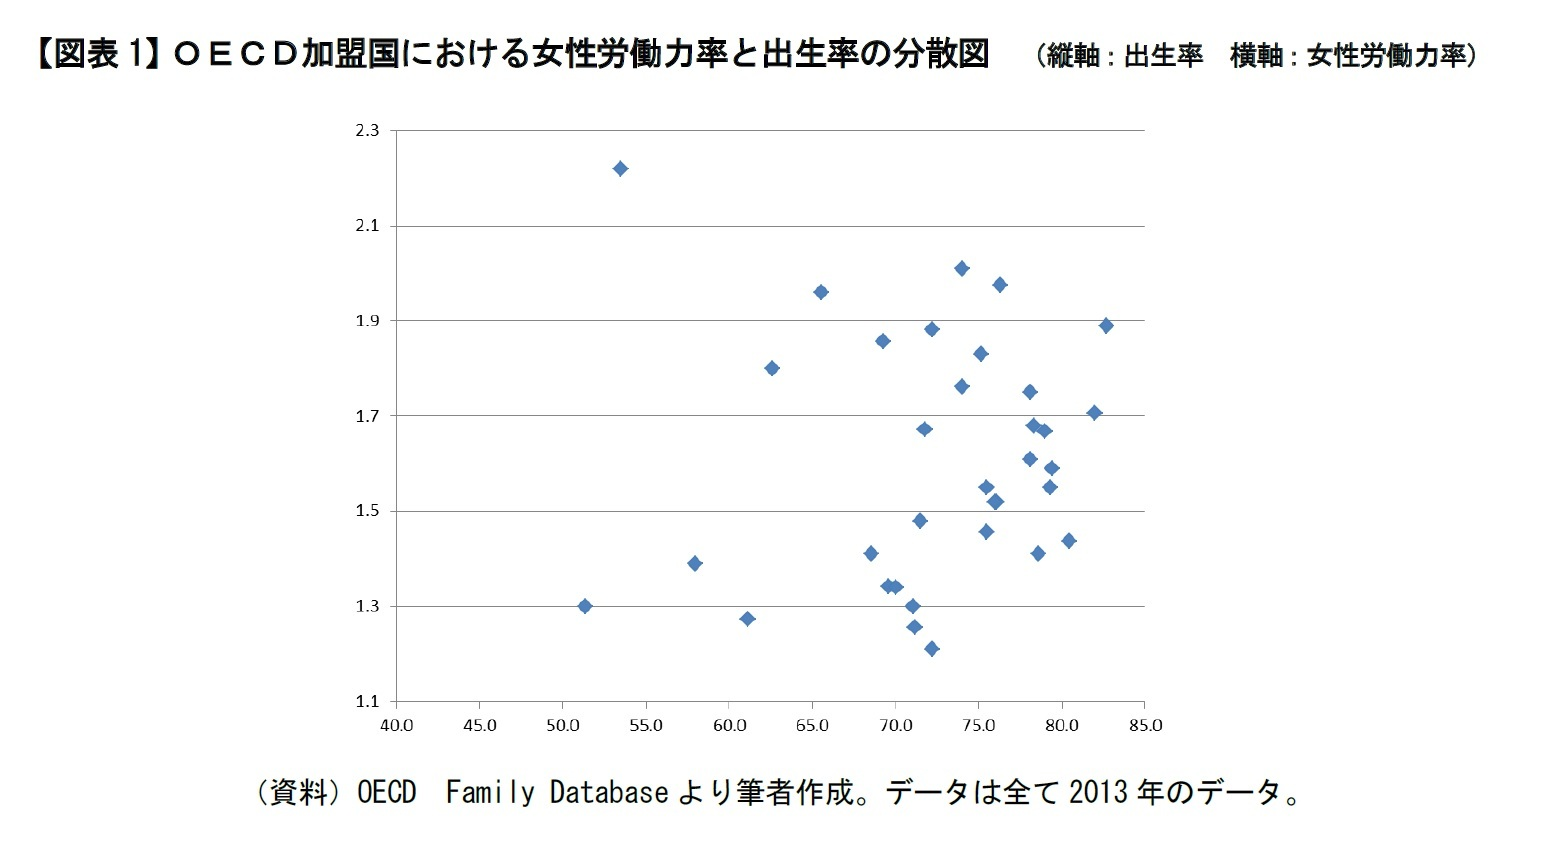 【図表1】OECD加盟国における女性労働力率と出生率の分散図 (縦軸:出生率 横軸:女性労働力率)